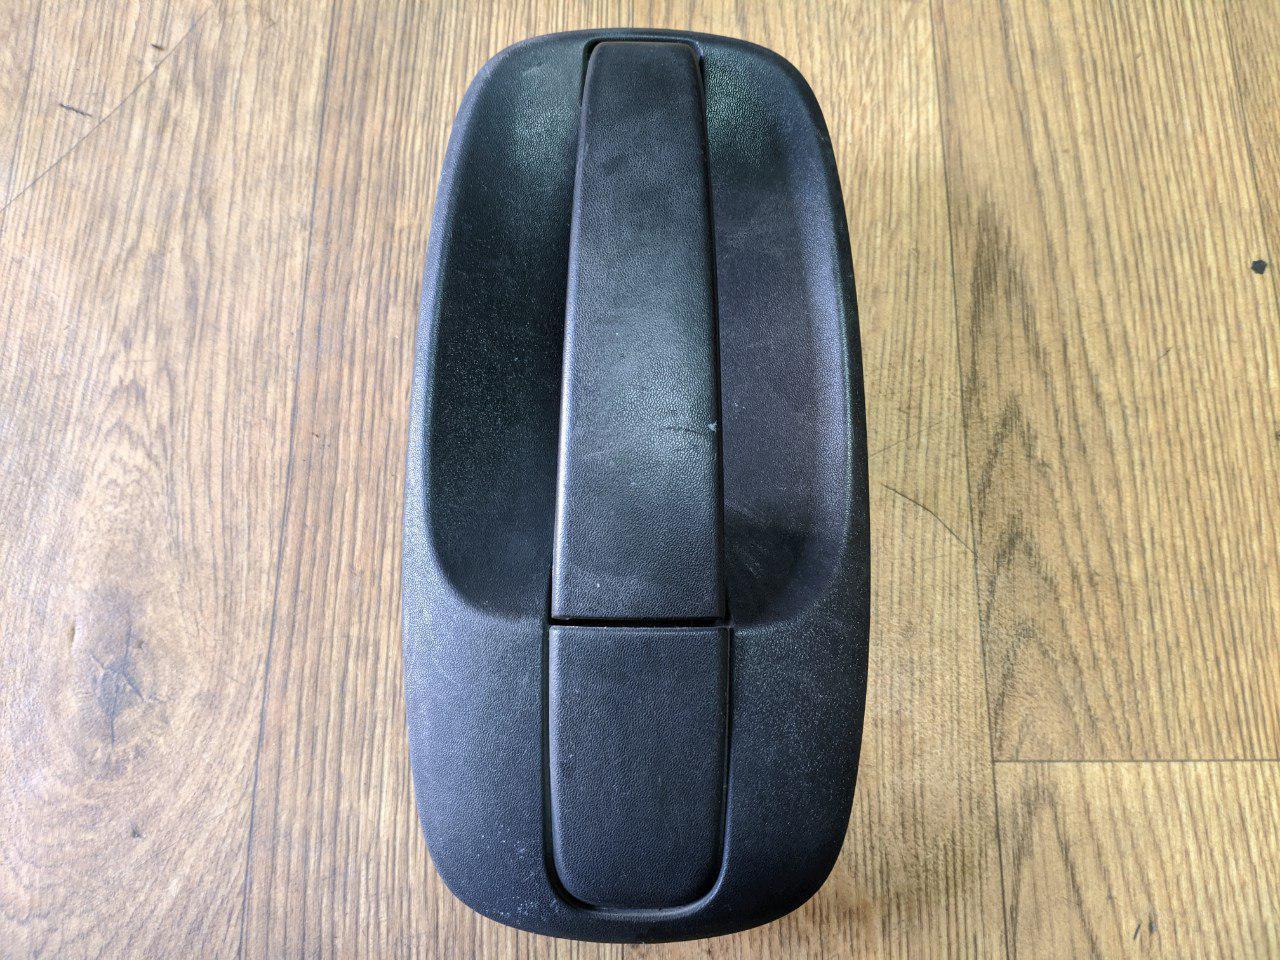 Ручка зовнішня розсувних дверей (чорне кріплення) Renault Trafic, Opel Vivaro 2001-2014, 8200004407 (Б/У)